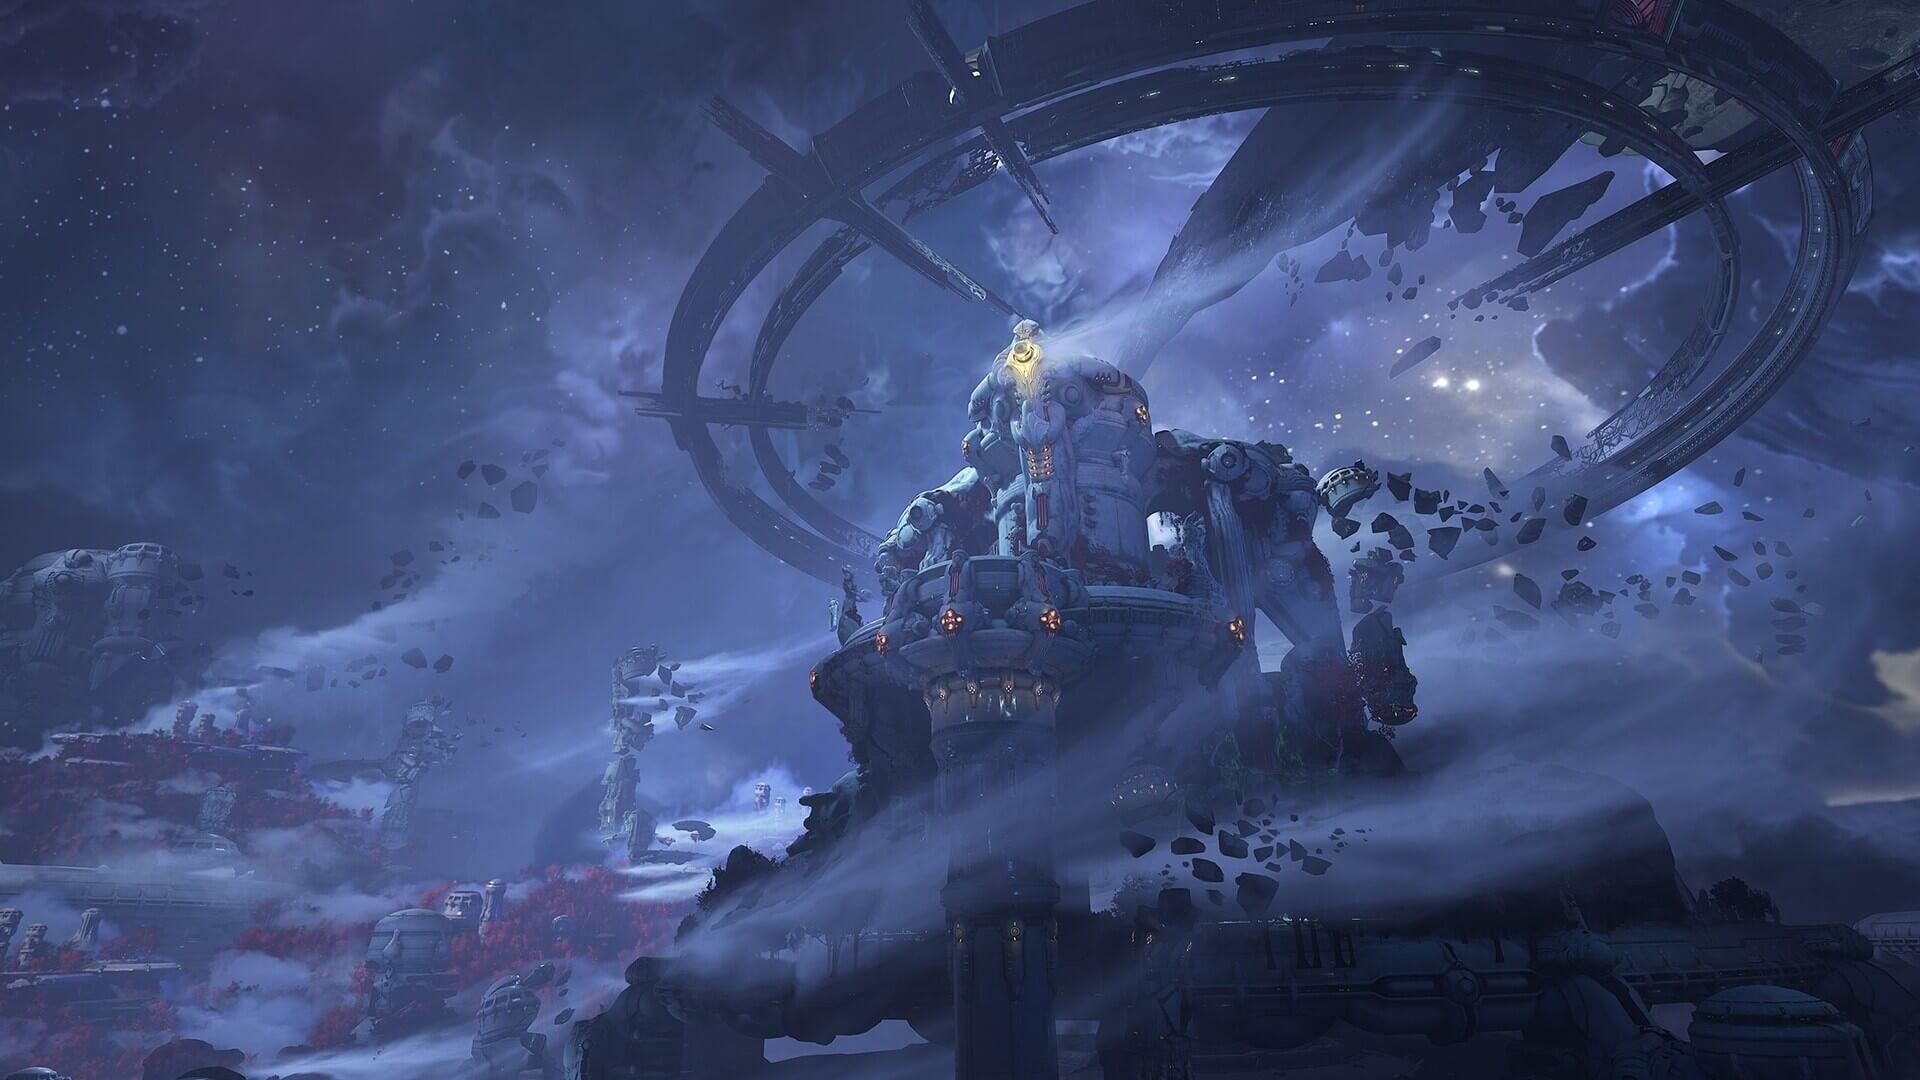 csm Doom Eternal DLC 1 a07a205efb